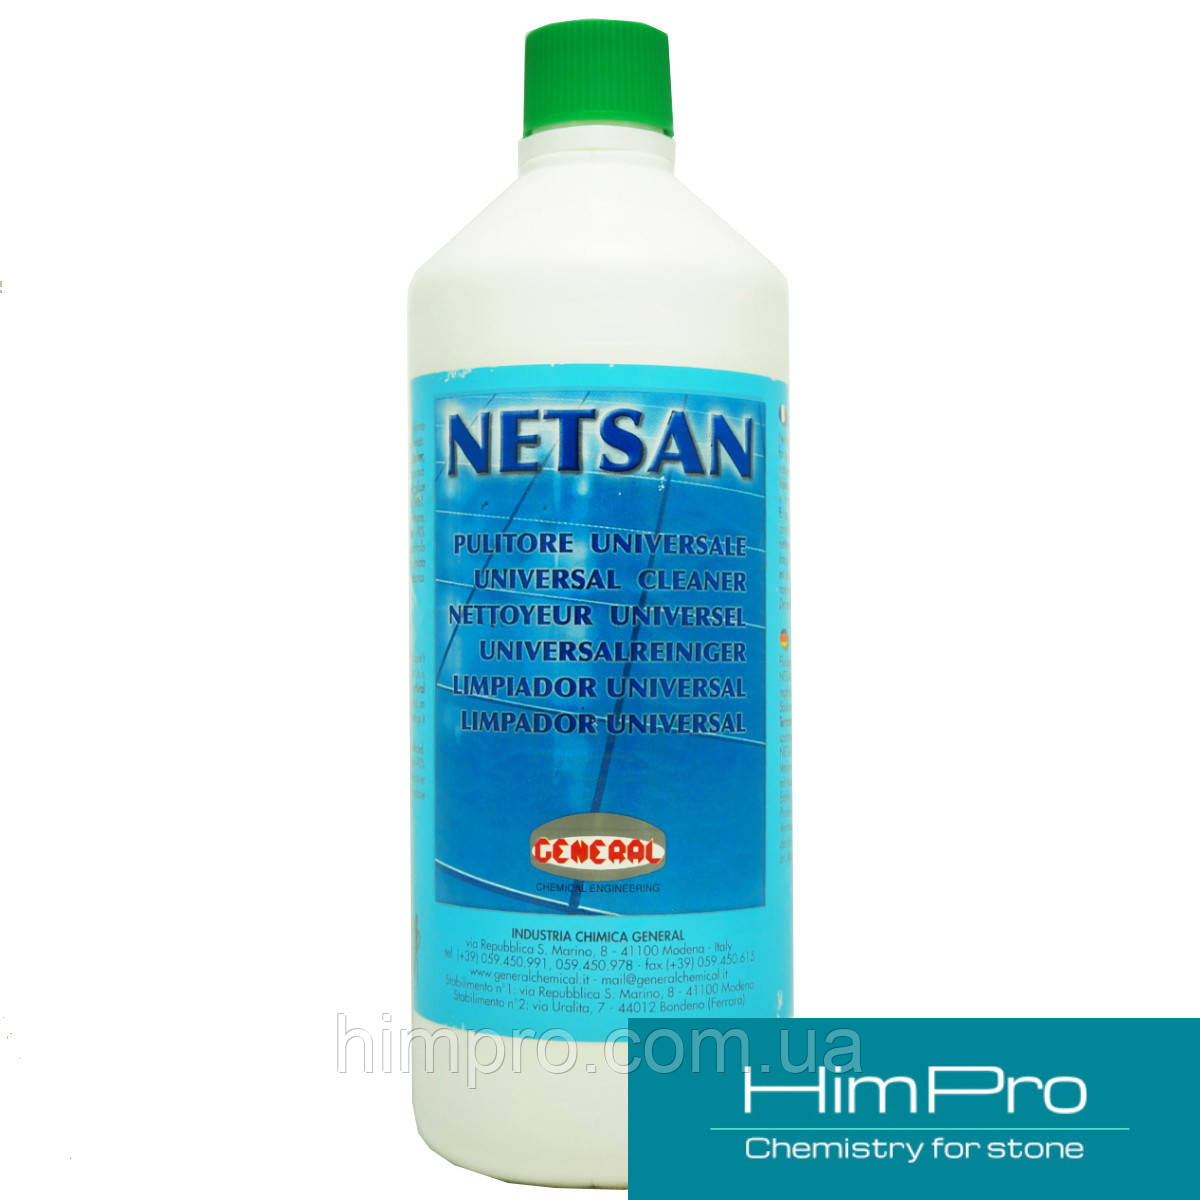 NETSAN 1L General Универсальный очиститель